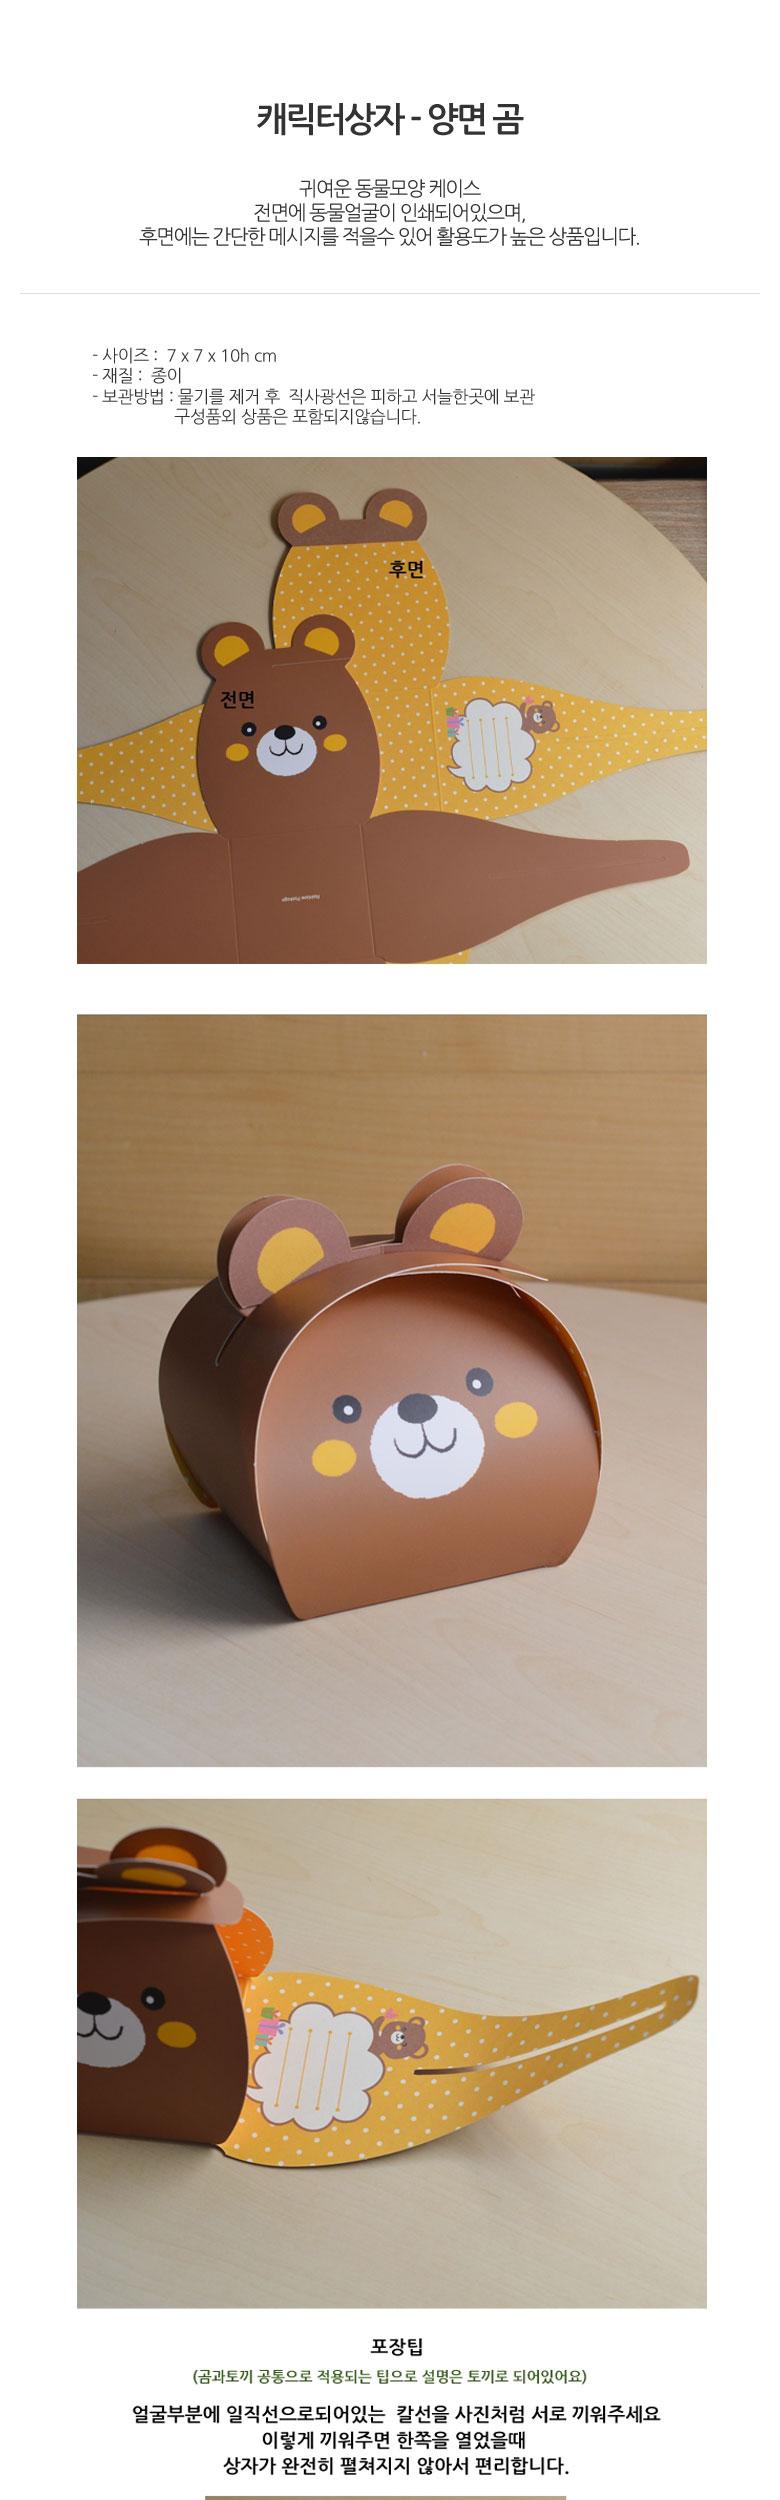 캐릭터상자 - 양면 곰 x 5p - 이홈베이킹, 2,500원, 상자/케이스, 시즌/테마